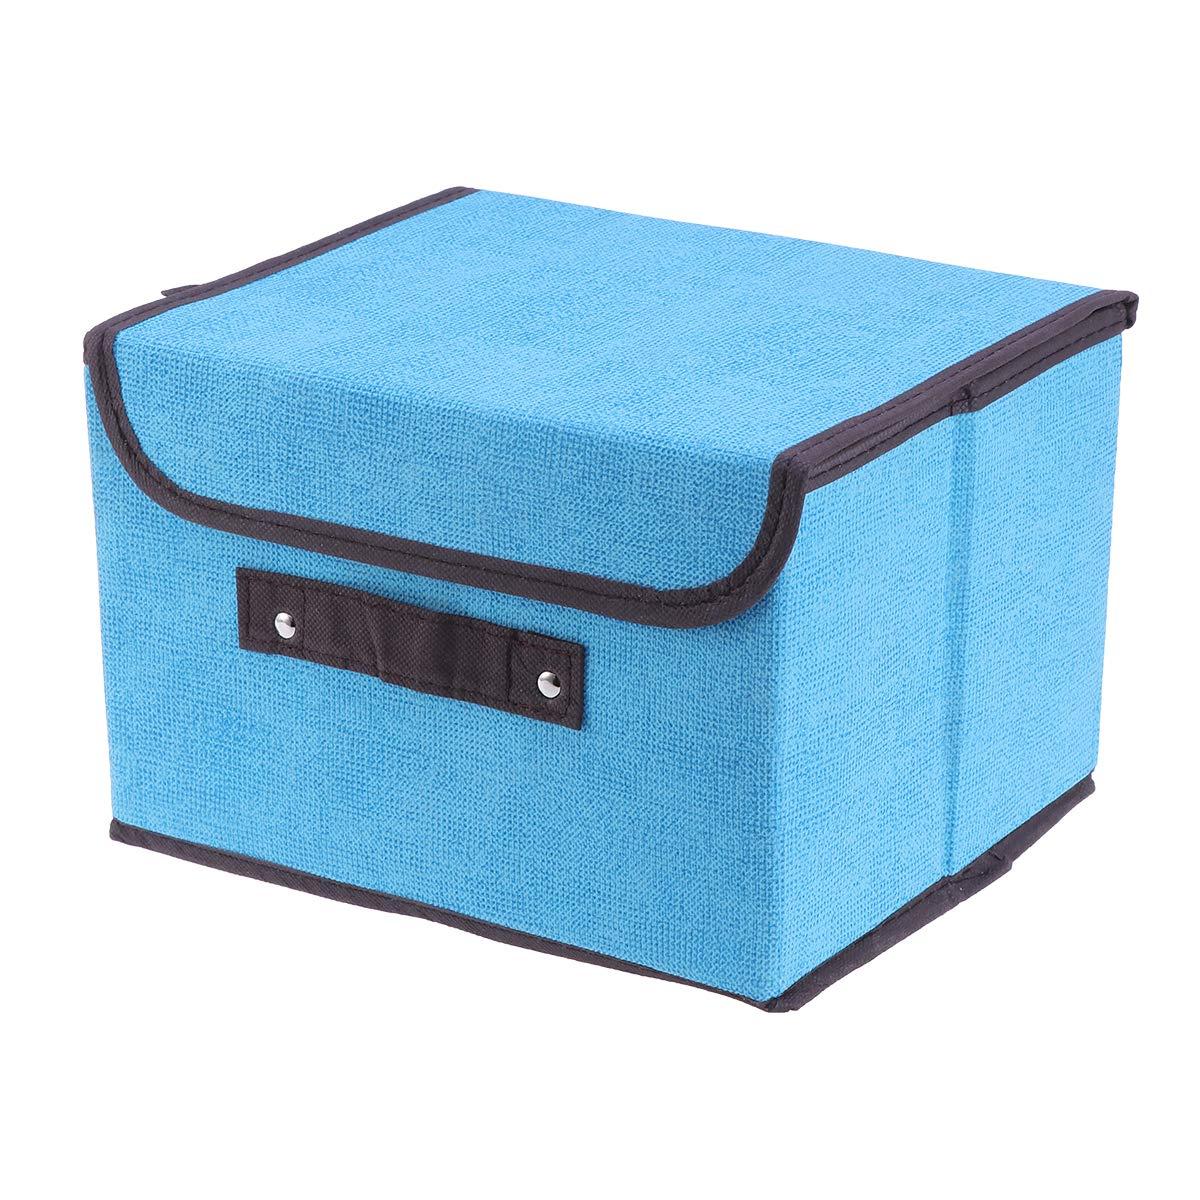 Yardwe Compartimiento de Almacenamiento de Ropa Plegable con Tapa, Tela no Tejida, contenedor de Almacenamiento, tamaño S, Azul